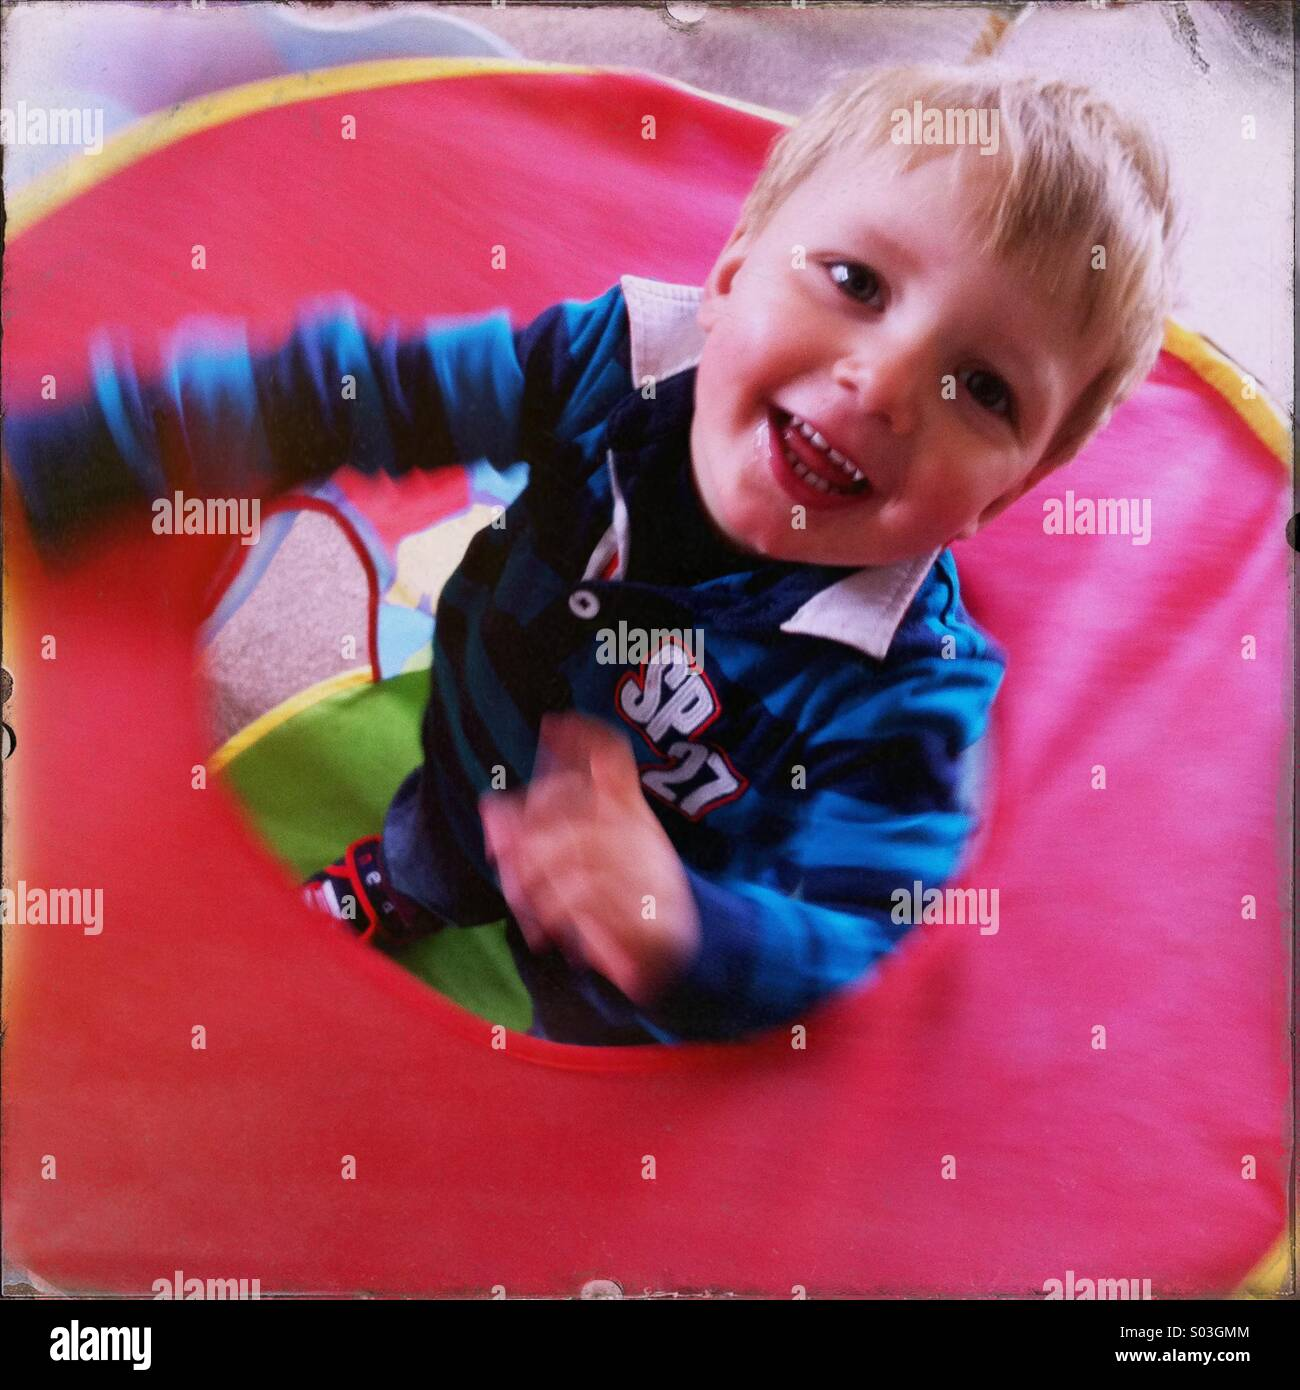 Kleiner Junge spielt im Haus in einem kleinen Zelt. Junge ist etwa zwei Jahre alt. Stockbild